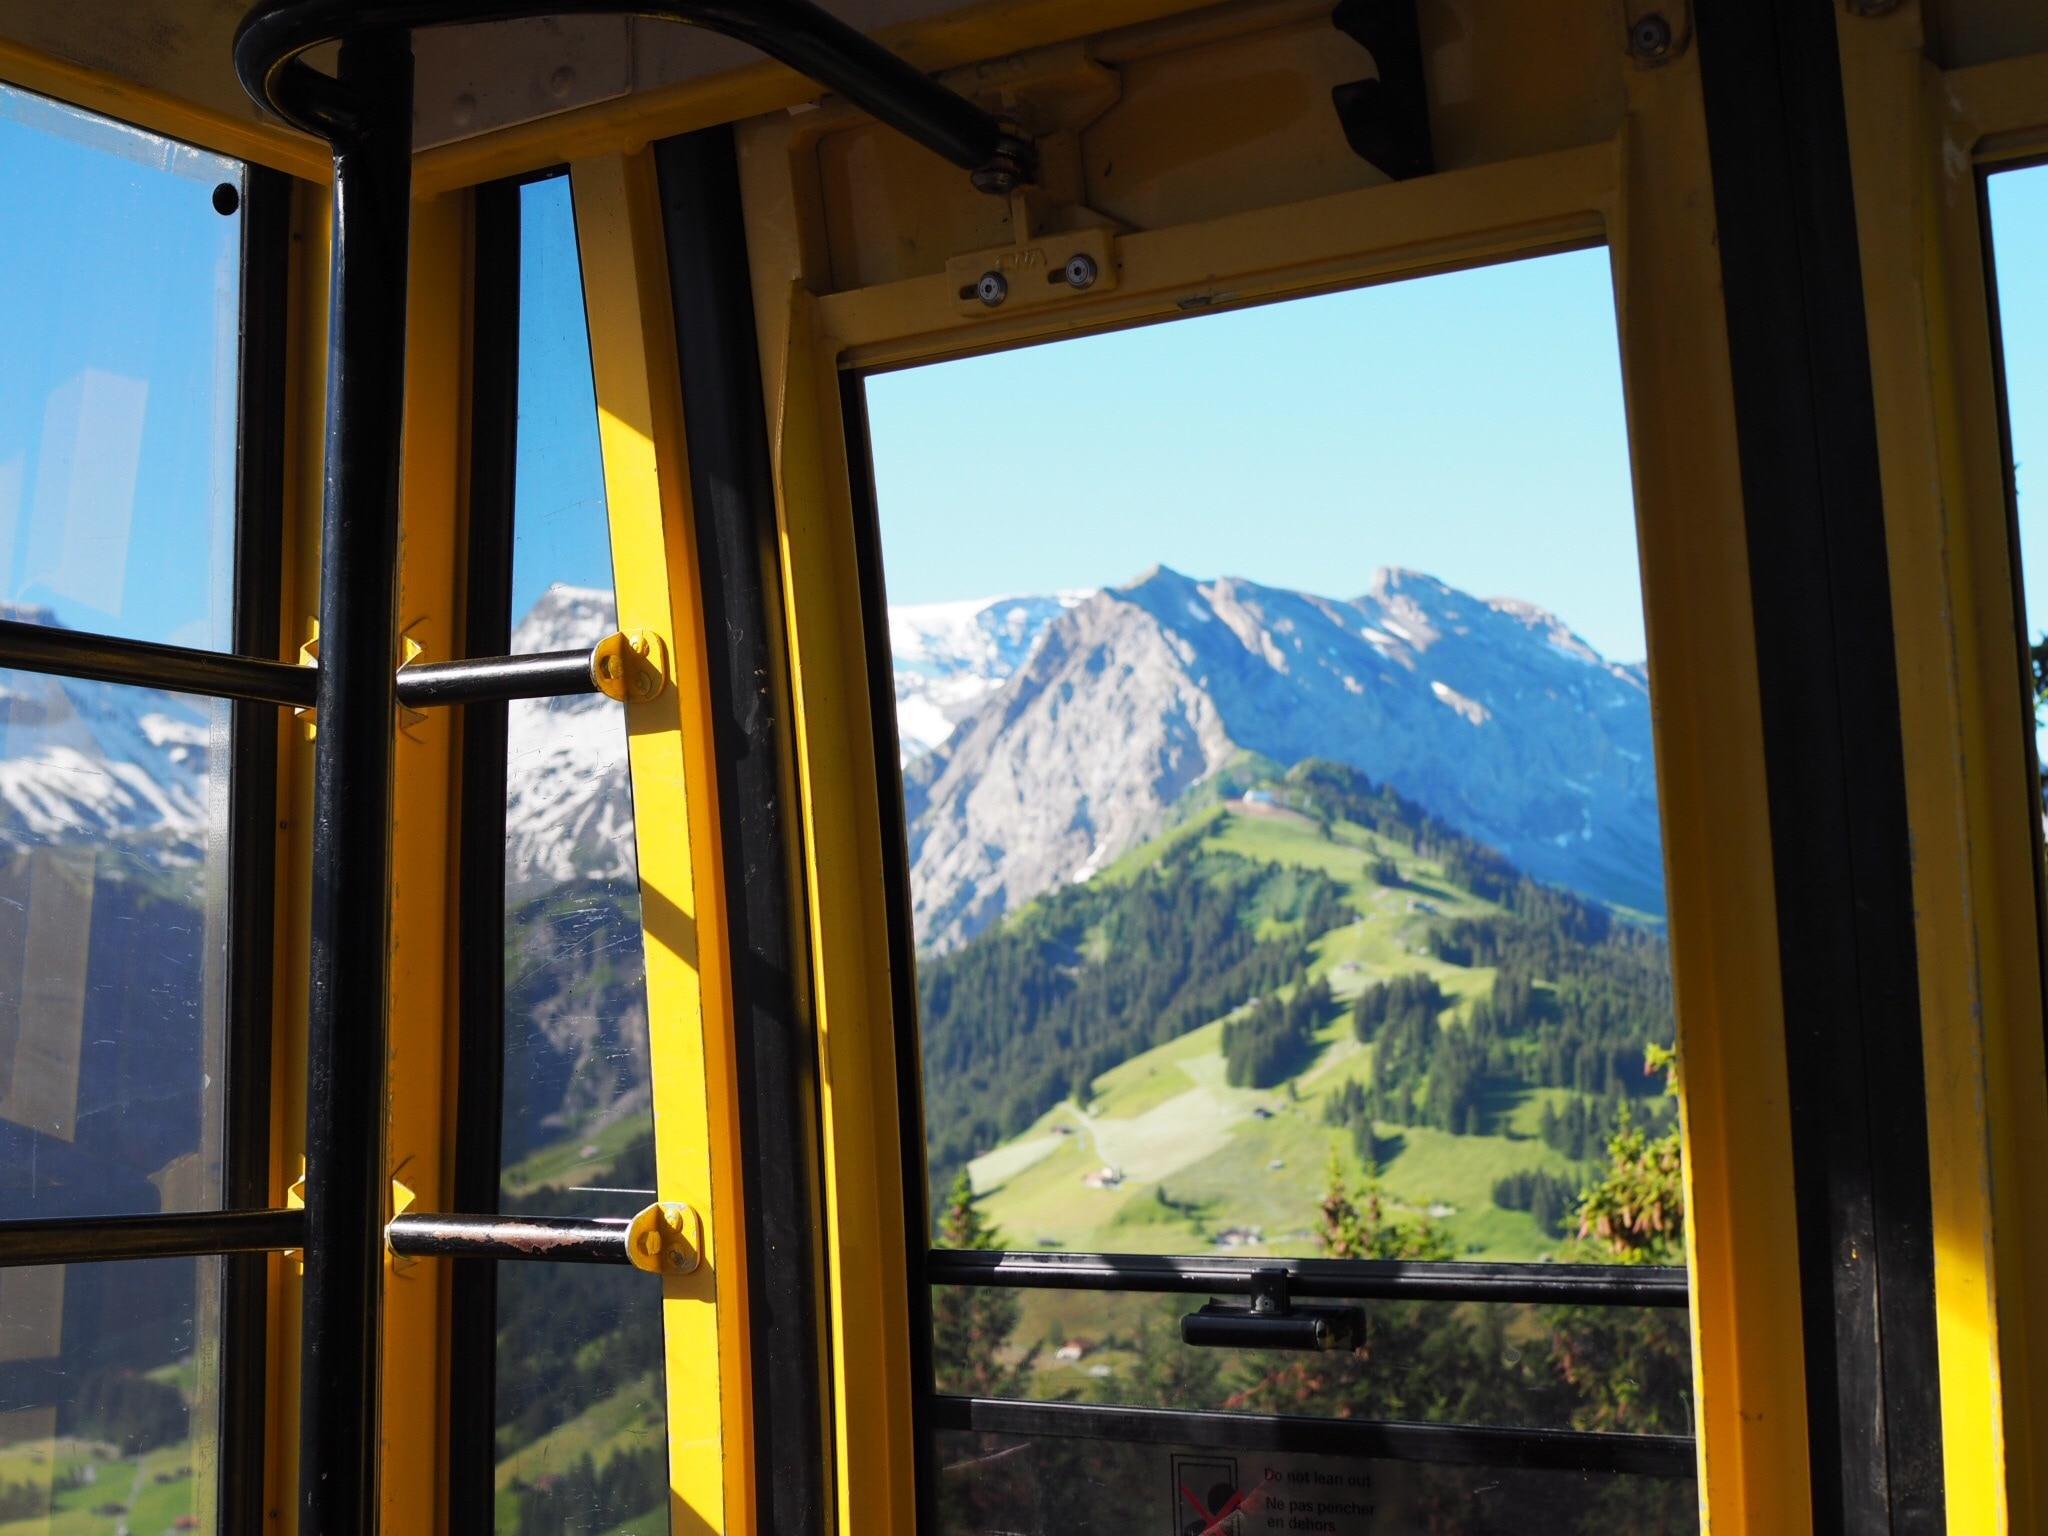 Tschentenbahn, Adelboden, Canton of Bern, Switzerland